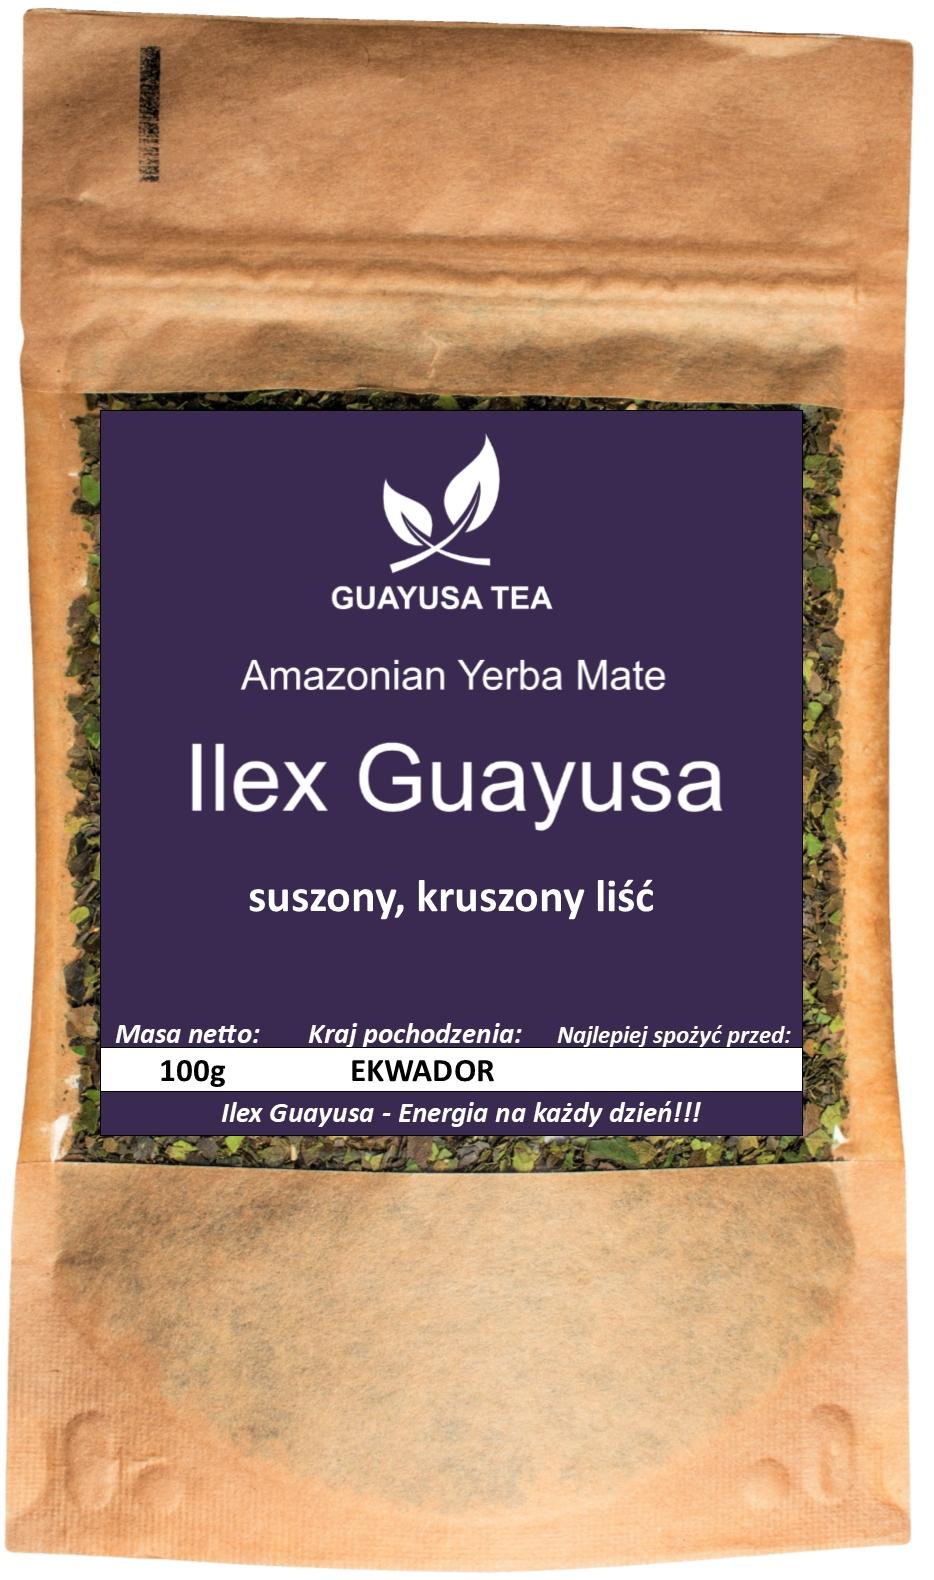 Ilex Guayusa 100g, Energia, Relax, Pobudzenie EAN 5903684211036